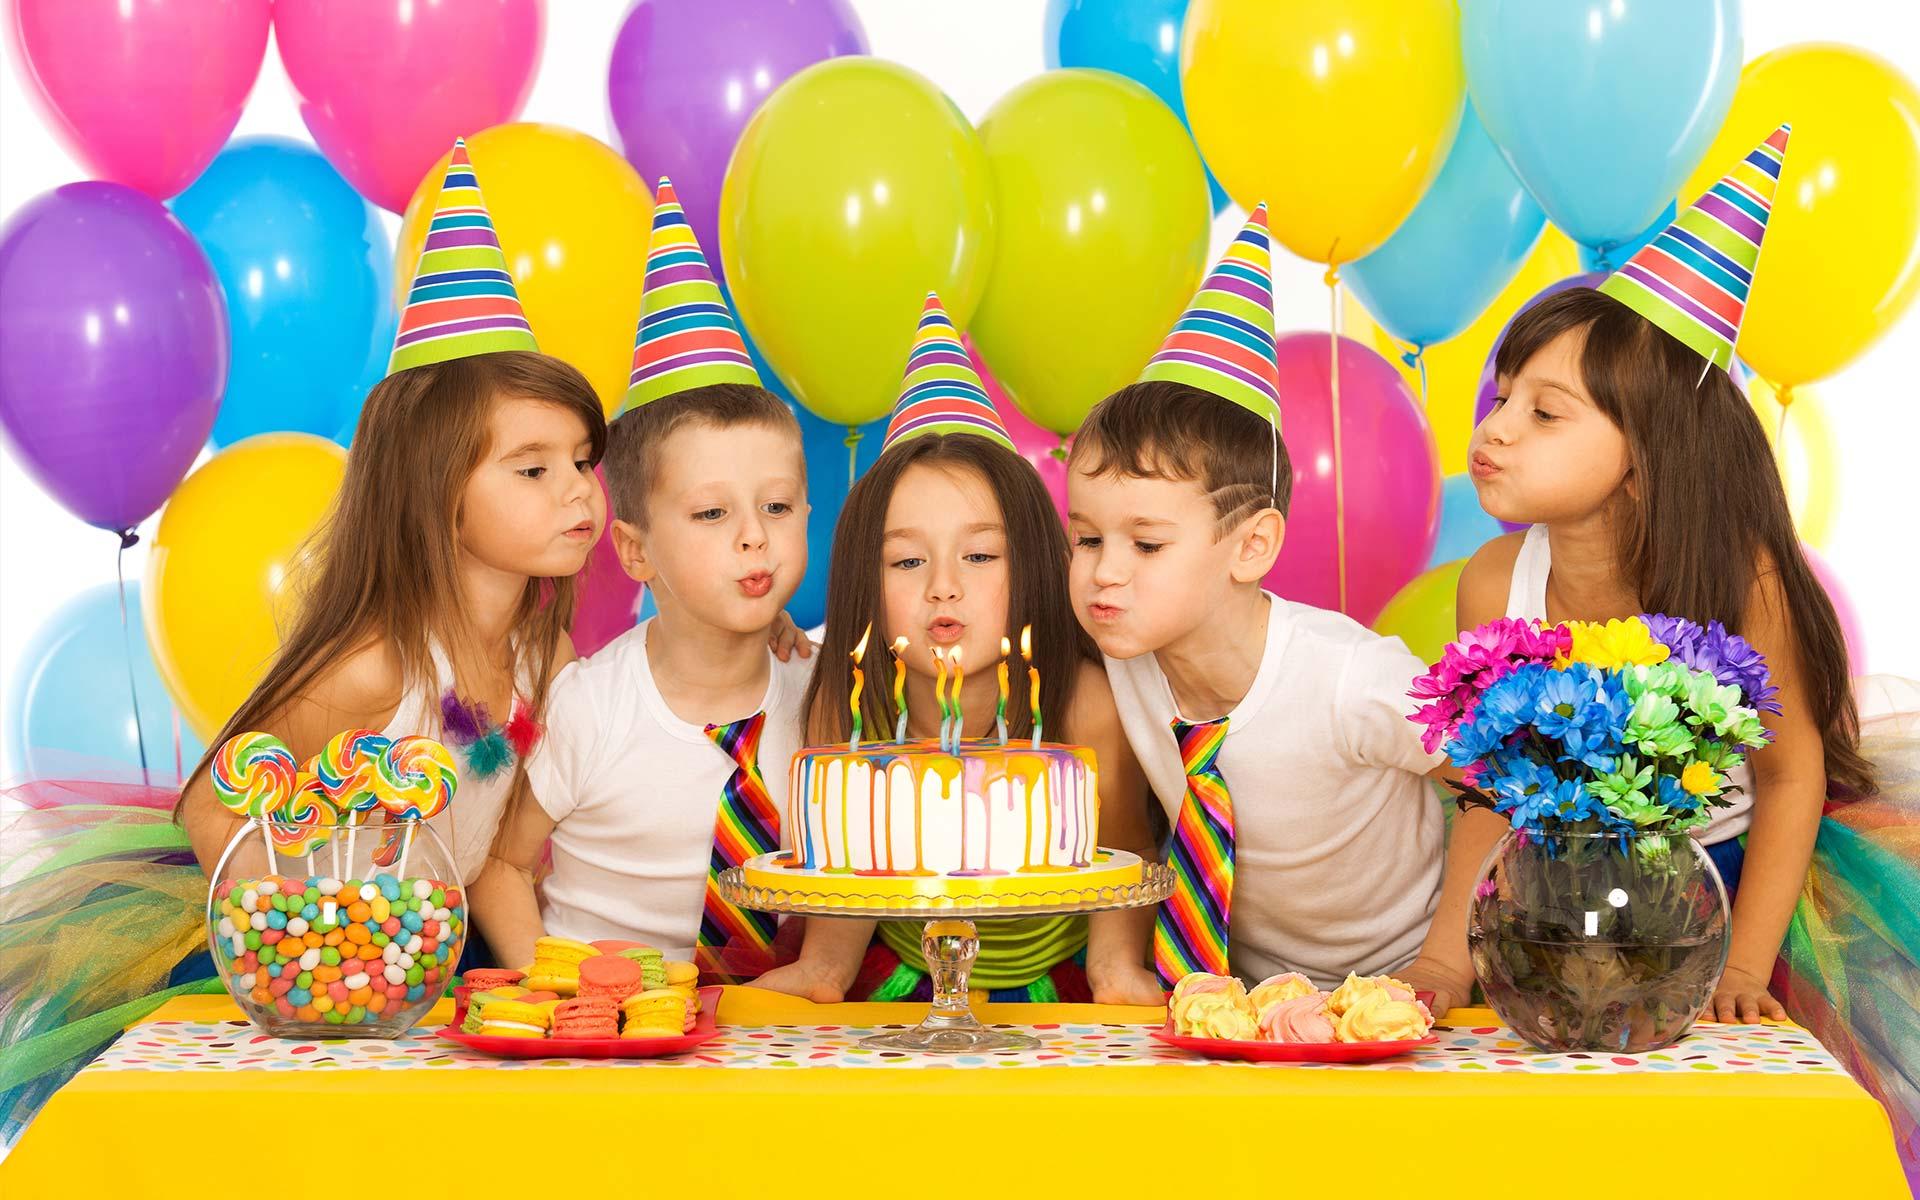 Фотографии детей на празднике